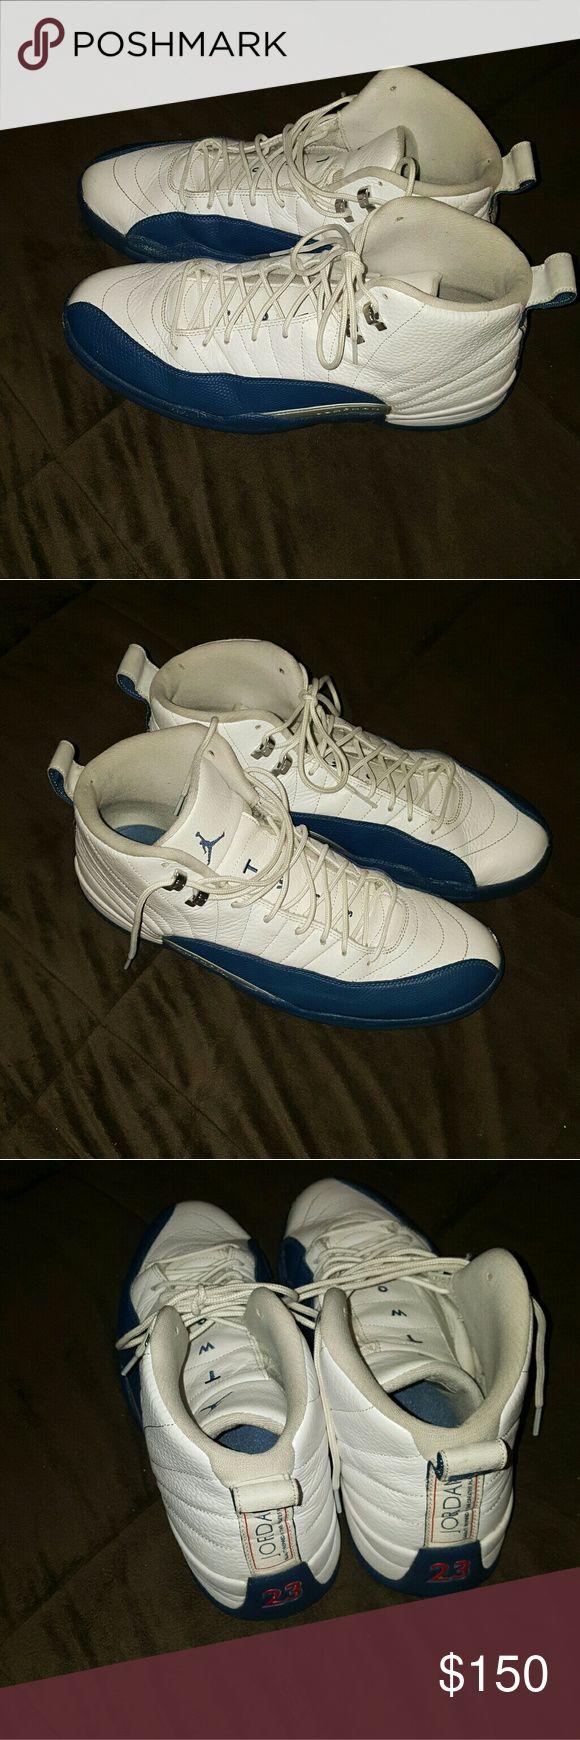 Jordan Retro 12 Size 13 Mens Jordan Shoes Sneakers